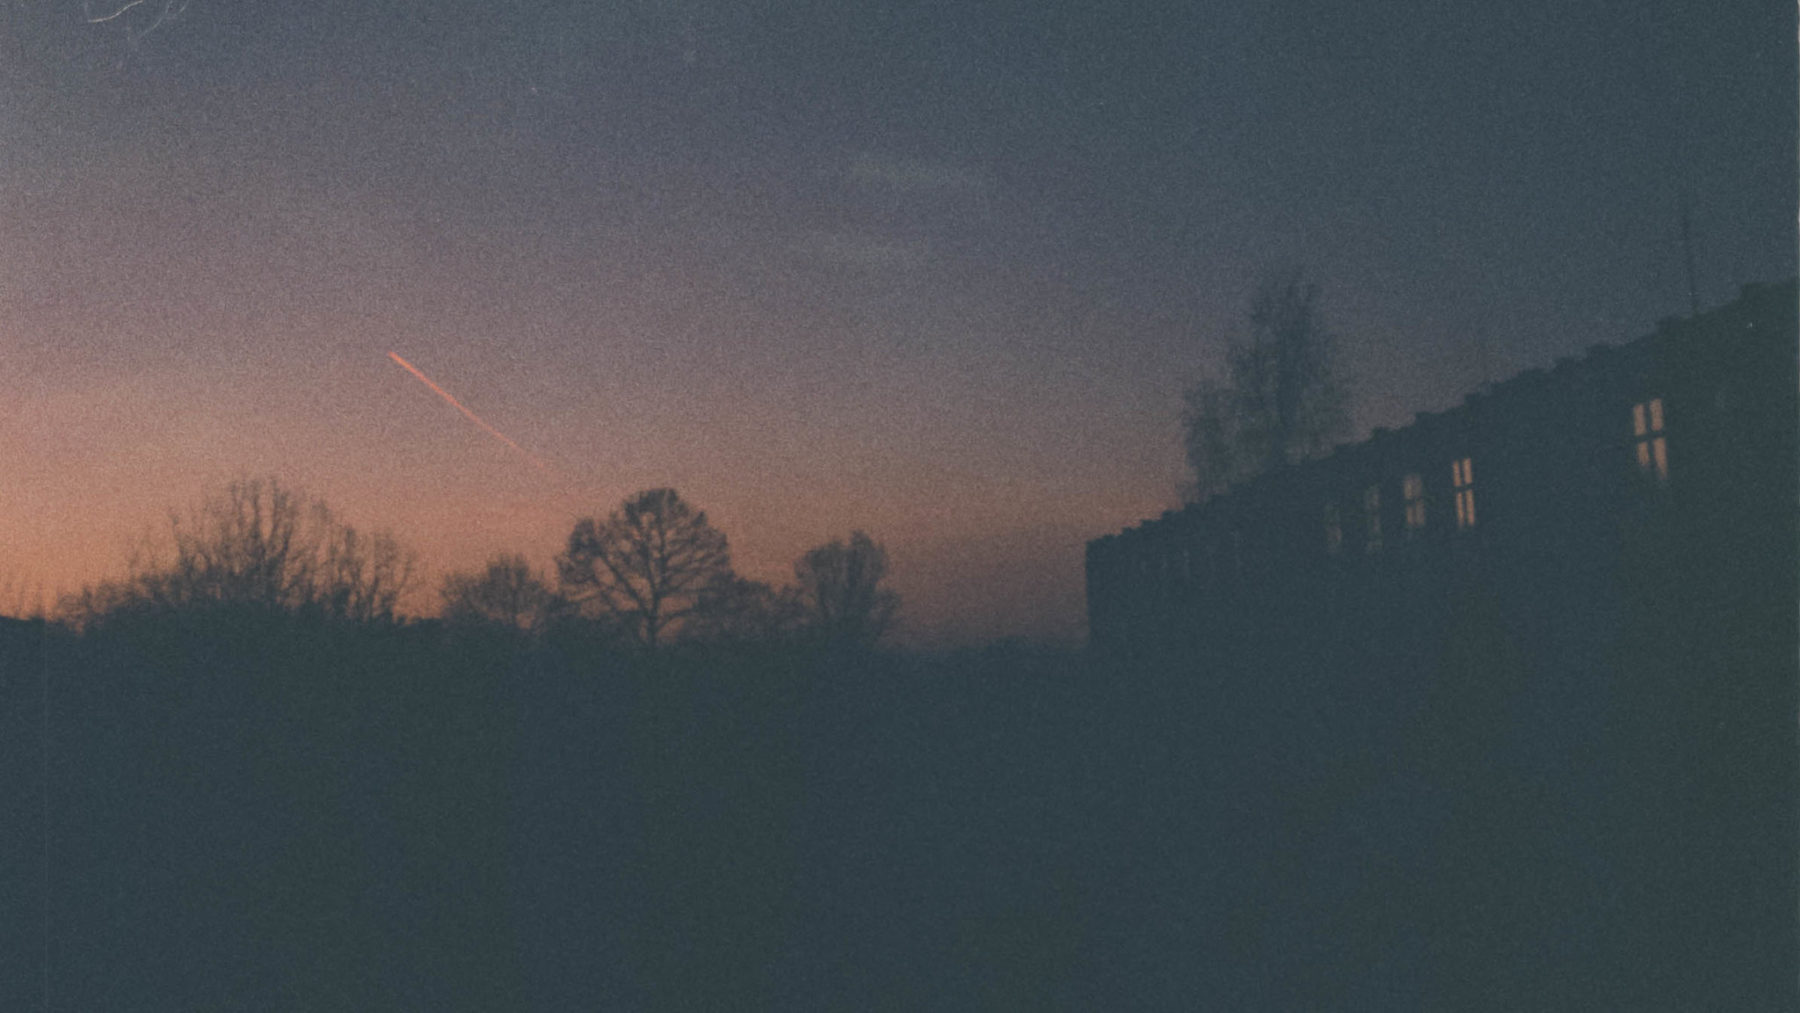 Darko Milosevic sunforest